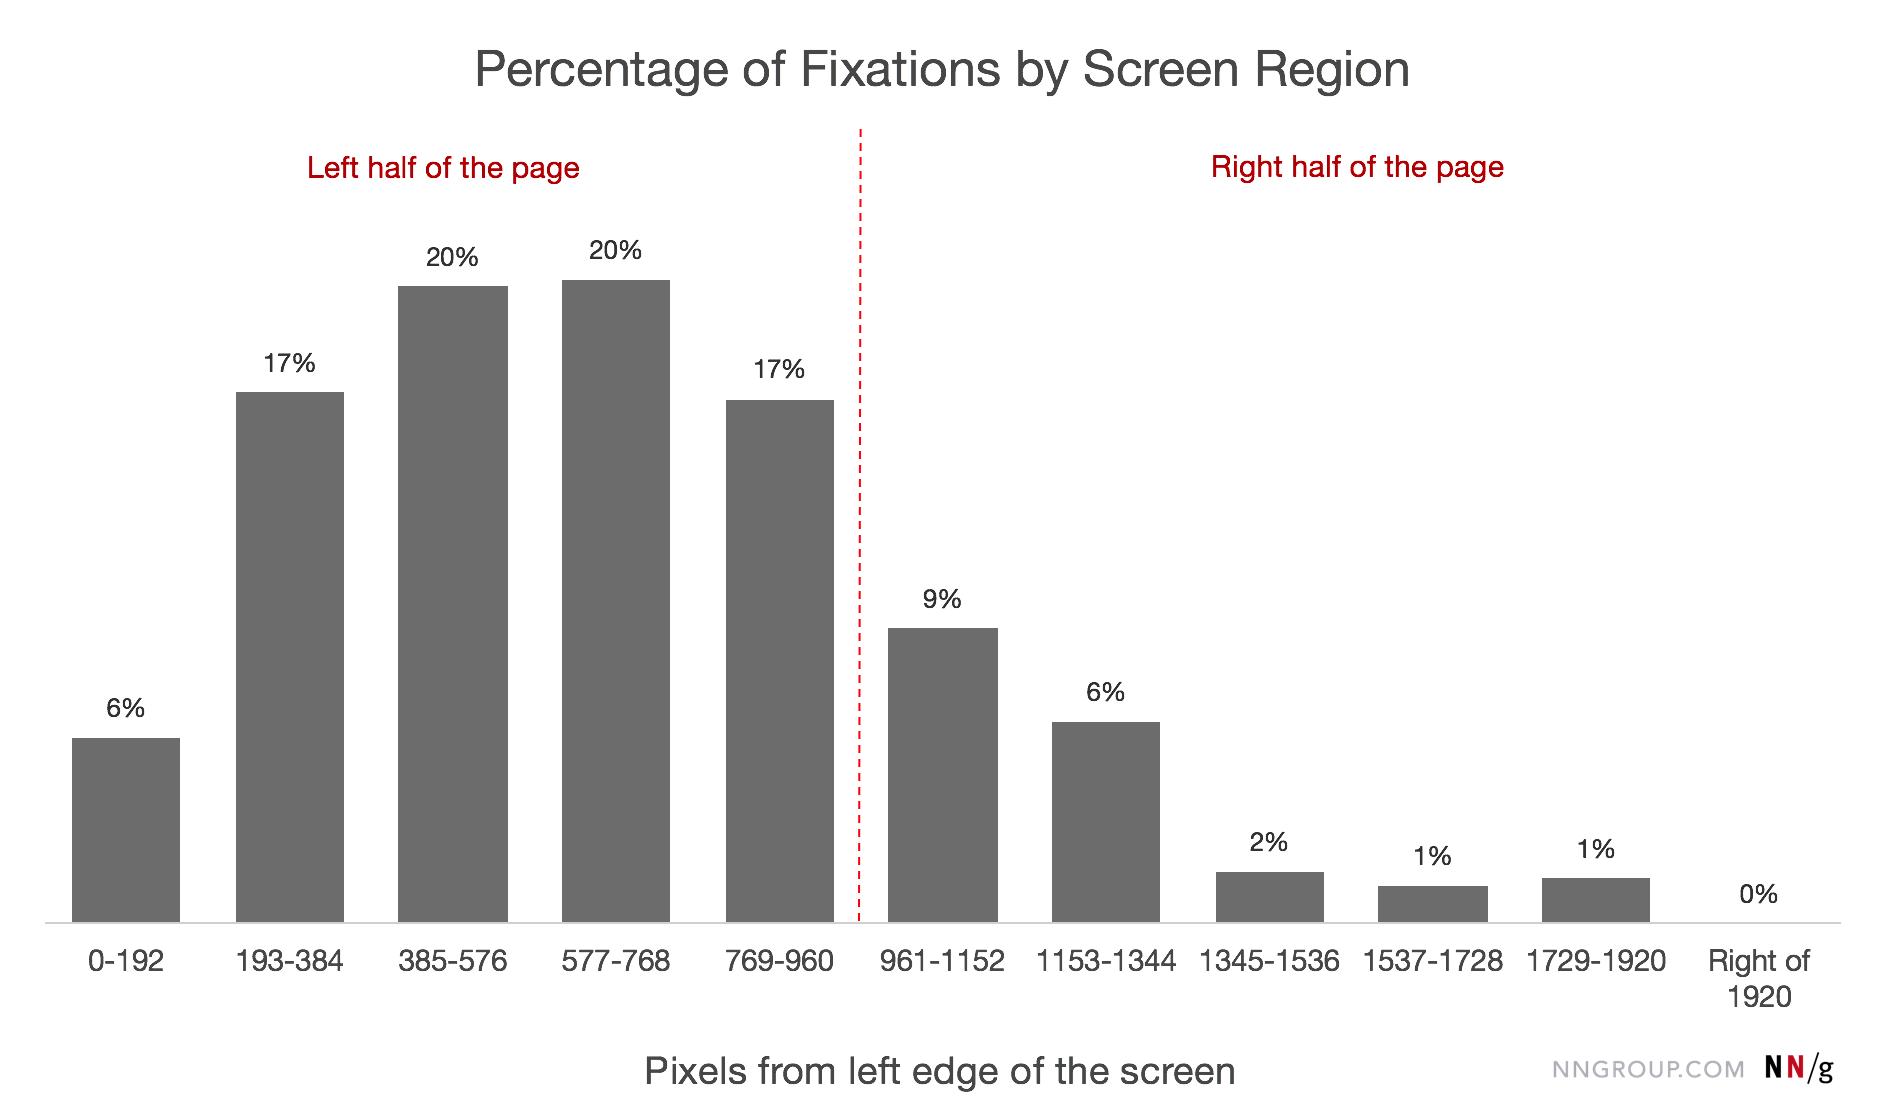 80% توجه مخاطب در زبانهای راست به چپ در سمت چپ صفحه است